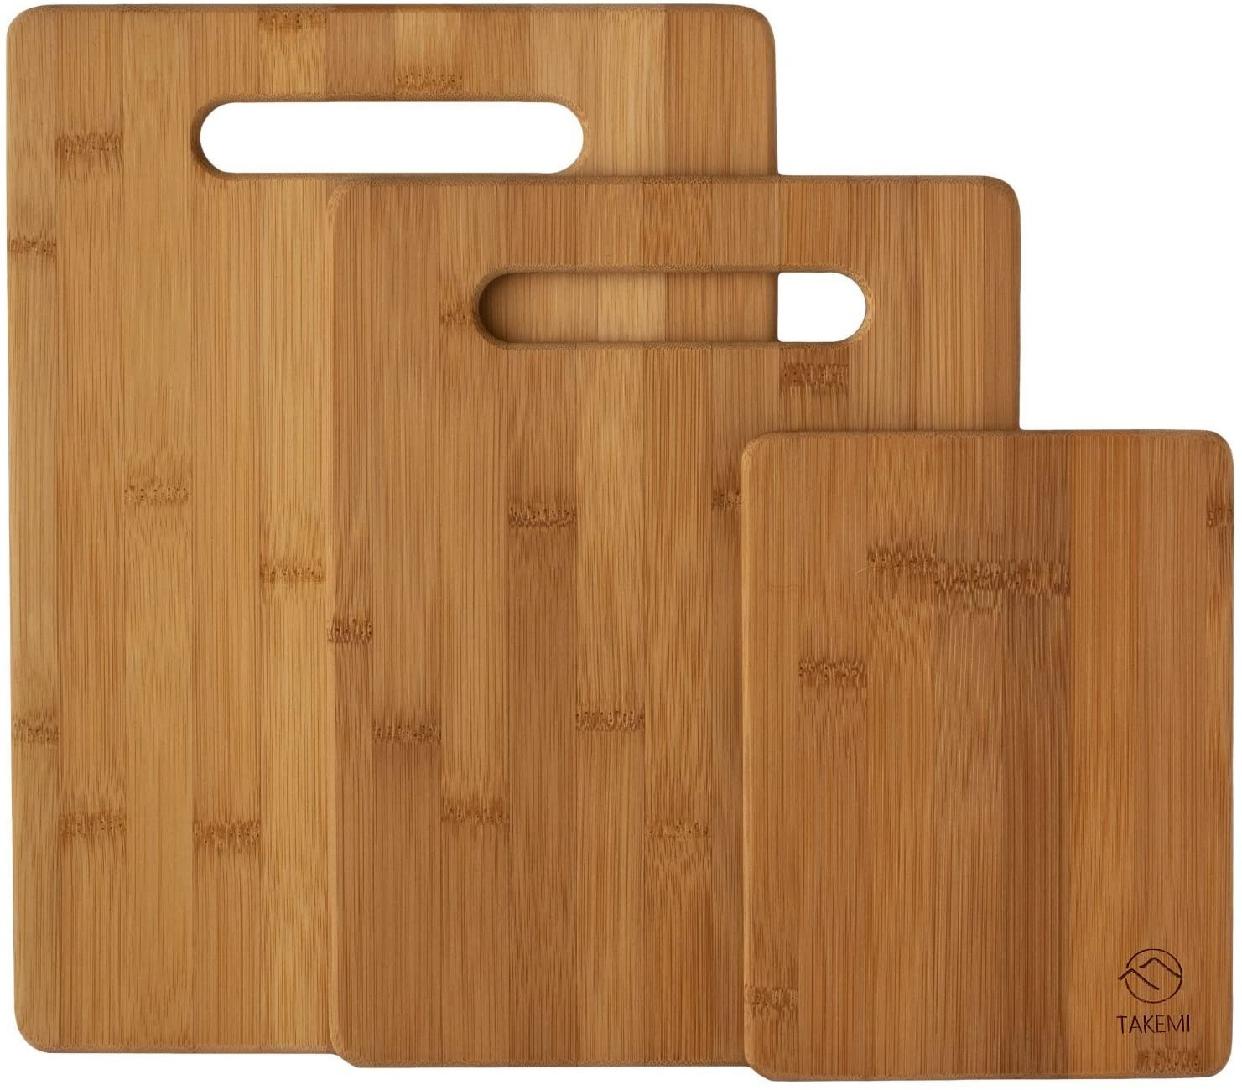 竹美(TAKEMI) 竹製まな板3点セット TM-CB3Pの商品画像